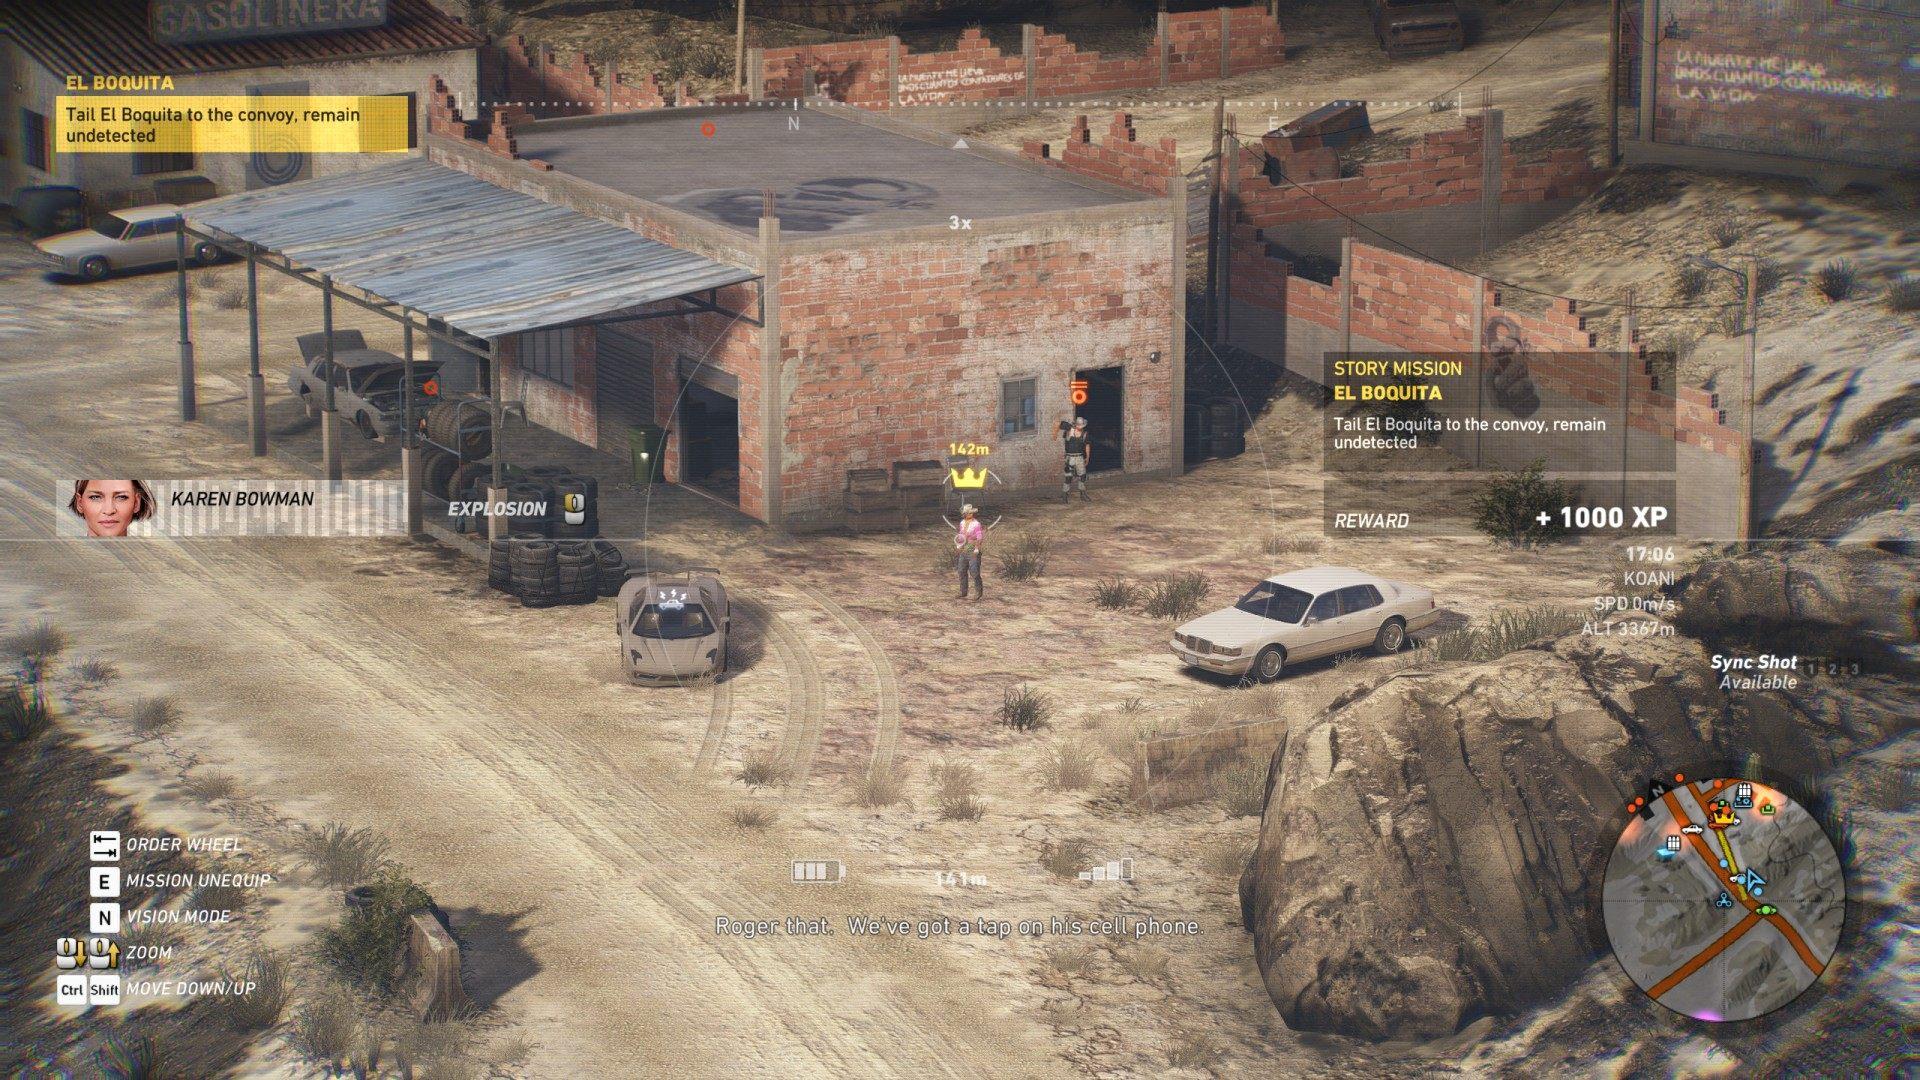 El Boquita, Ghost Recon: Wildlands Mission